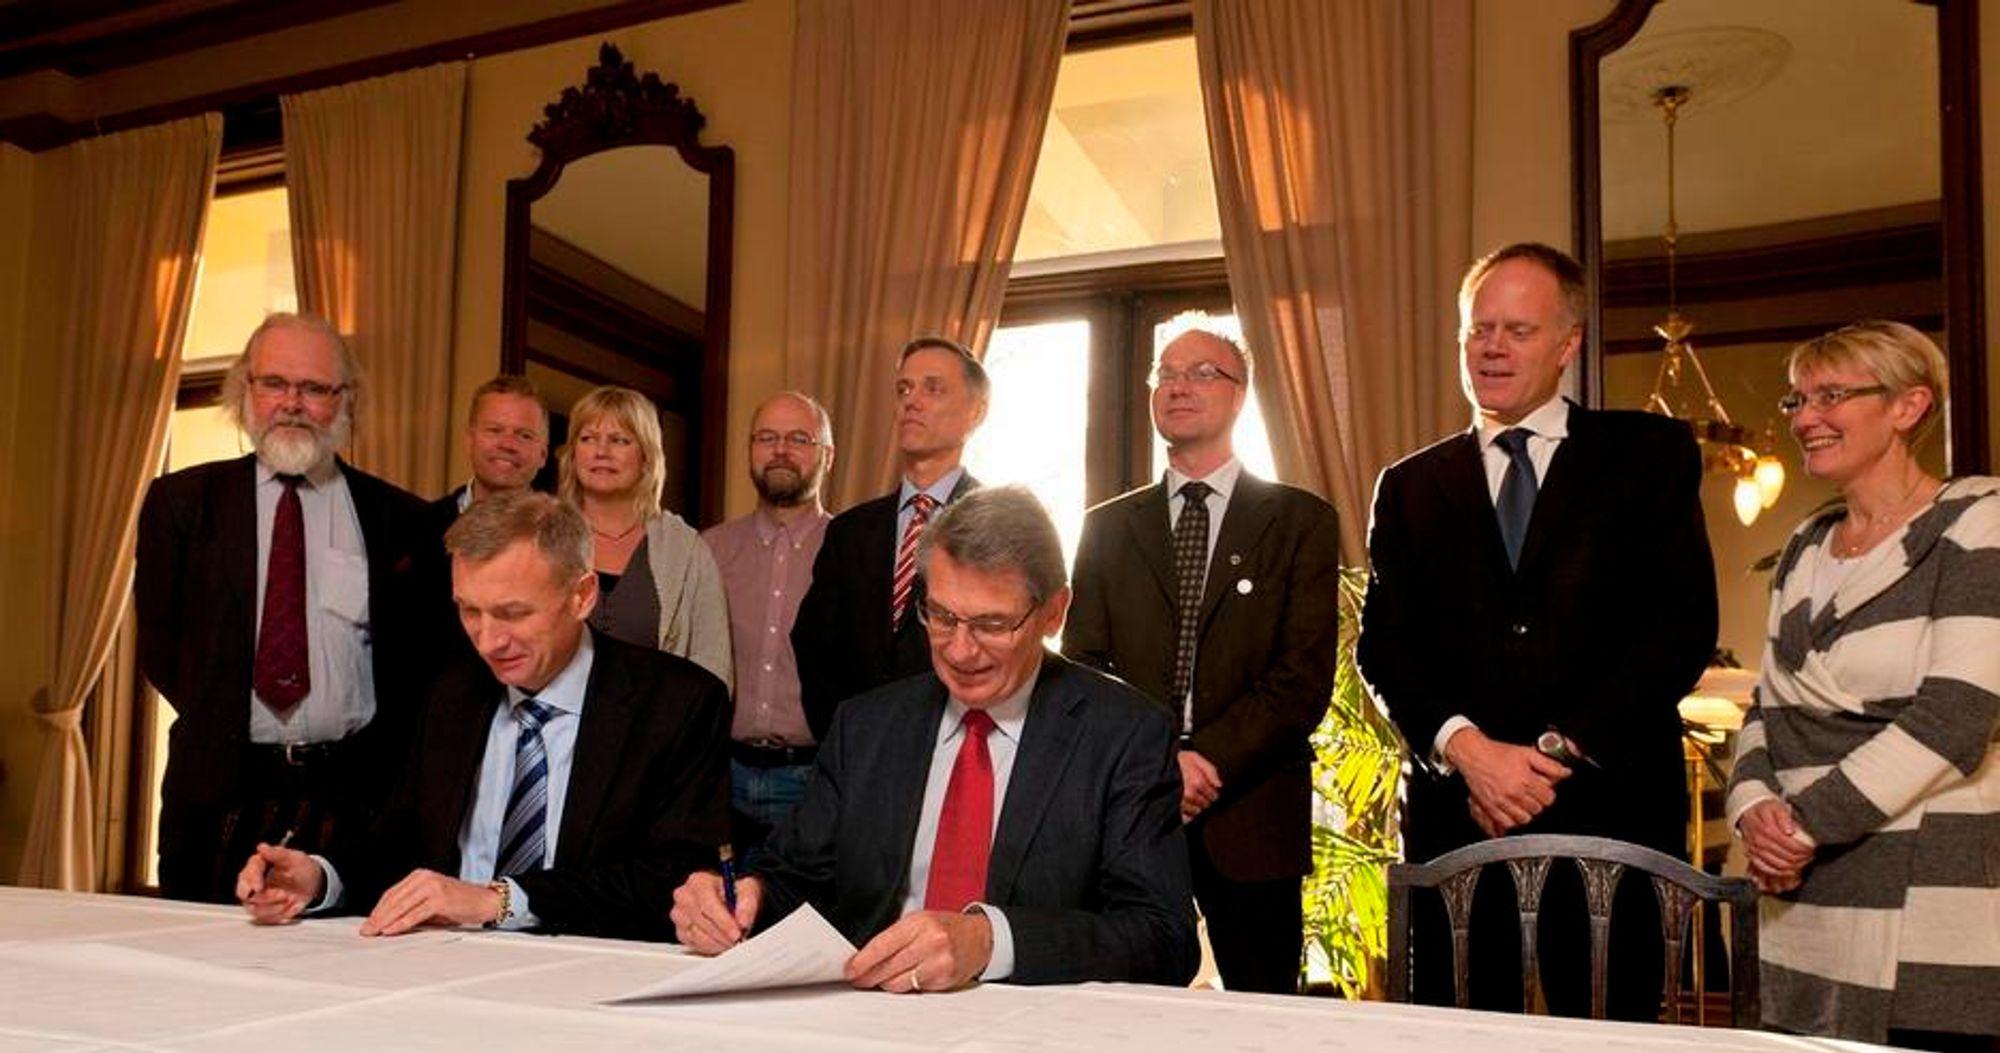 NY AVTALE: Samarbeidsavtalen ble undertegnet av konsernsjef Jon Erik Reinhardsen i PGS (t.v.) og  generalsekretær Øivind Andersen i Det Norske Videnskaps-Akademi fredag.